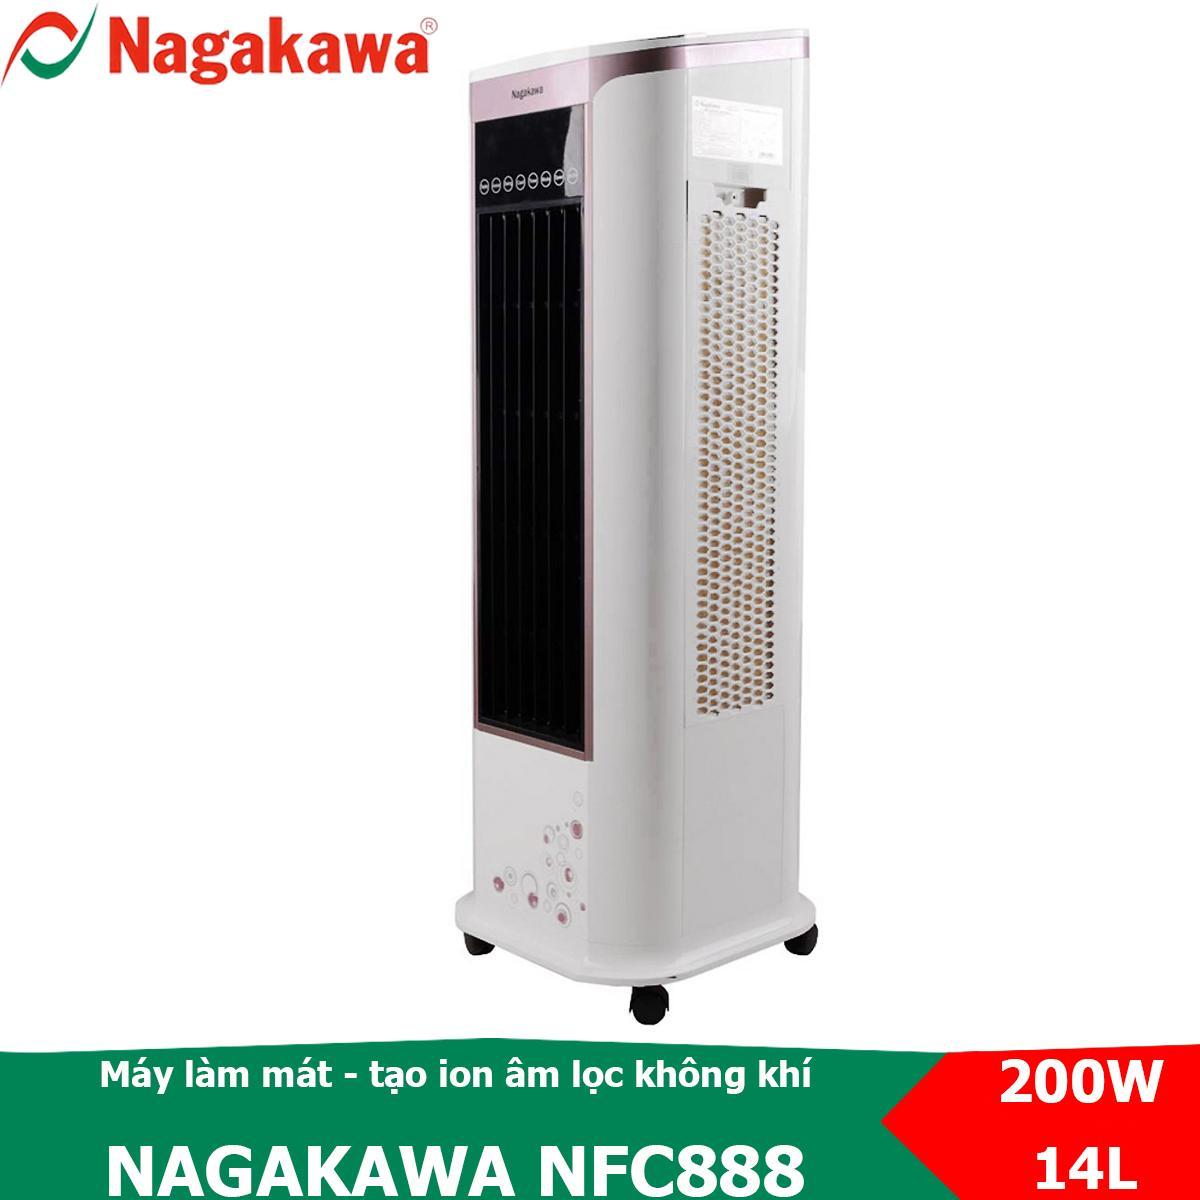 Máy Làm Mát điều Khiển Từ Xa Nagakawa NFC888 Có Chức Năng Tạo Ion âm Và đảo Gió đa Chiều Đang Khuyến Mại Khủng